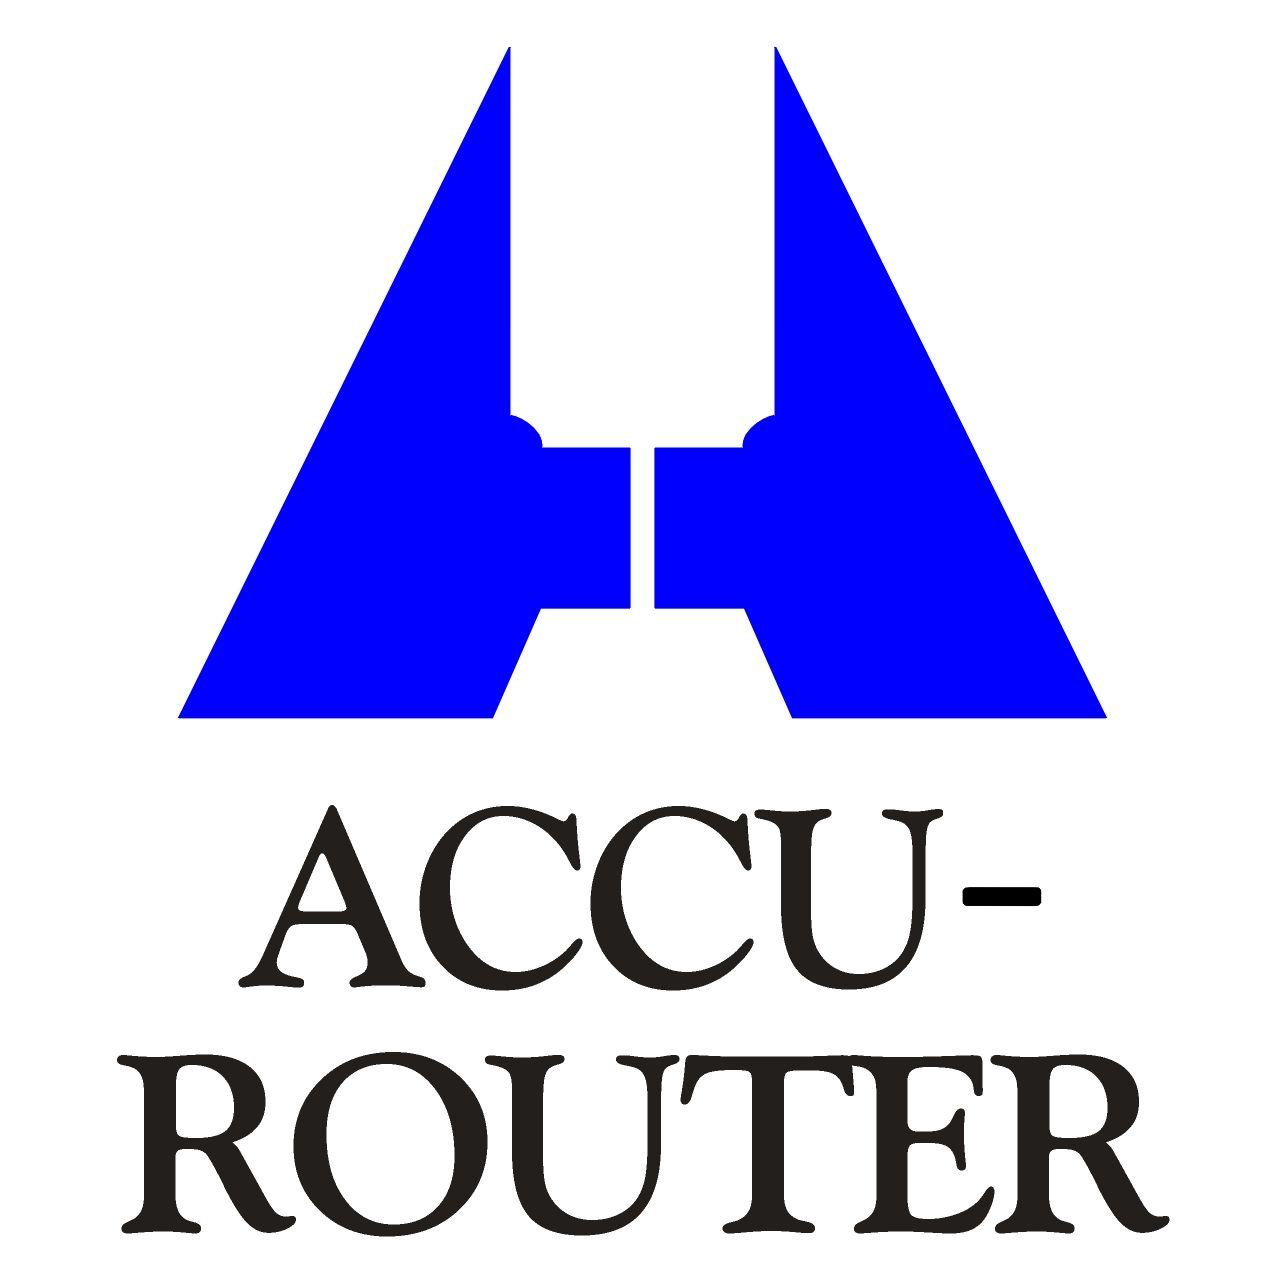 Accu-Router, Inc